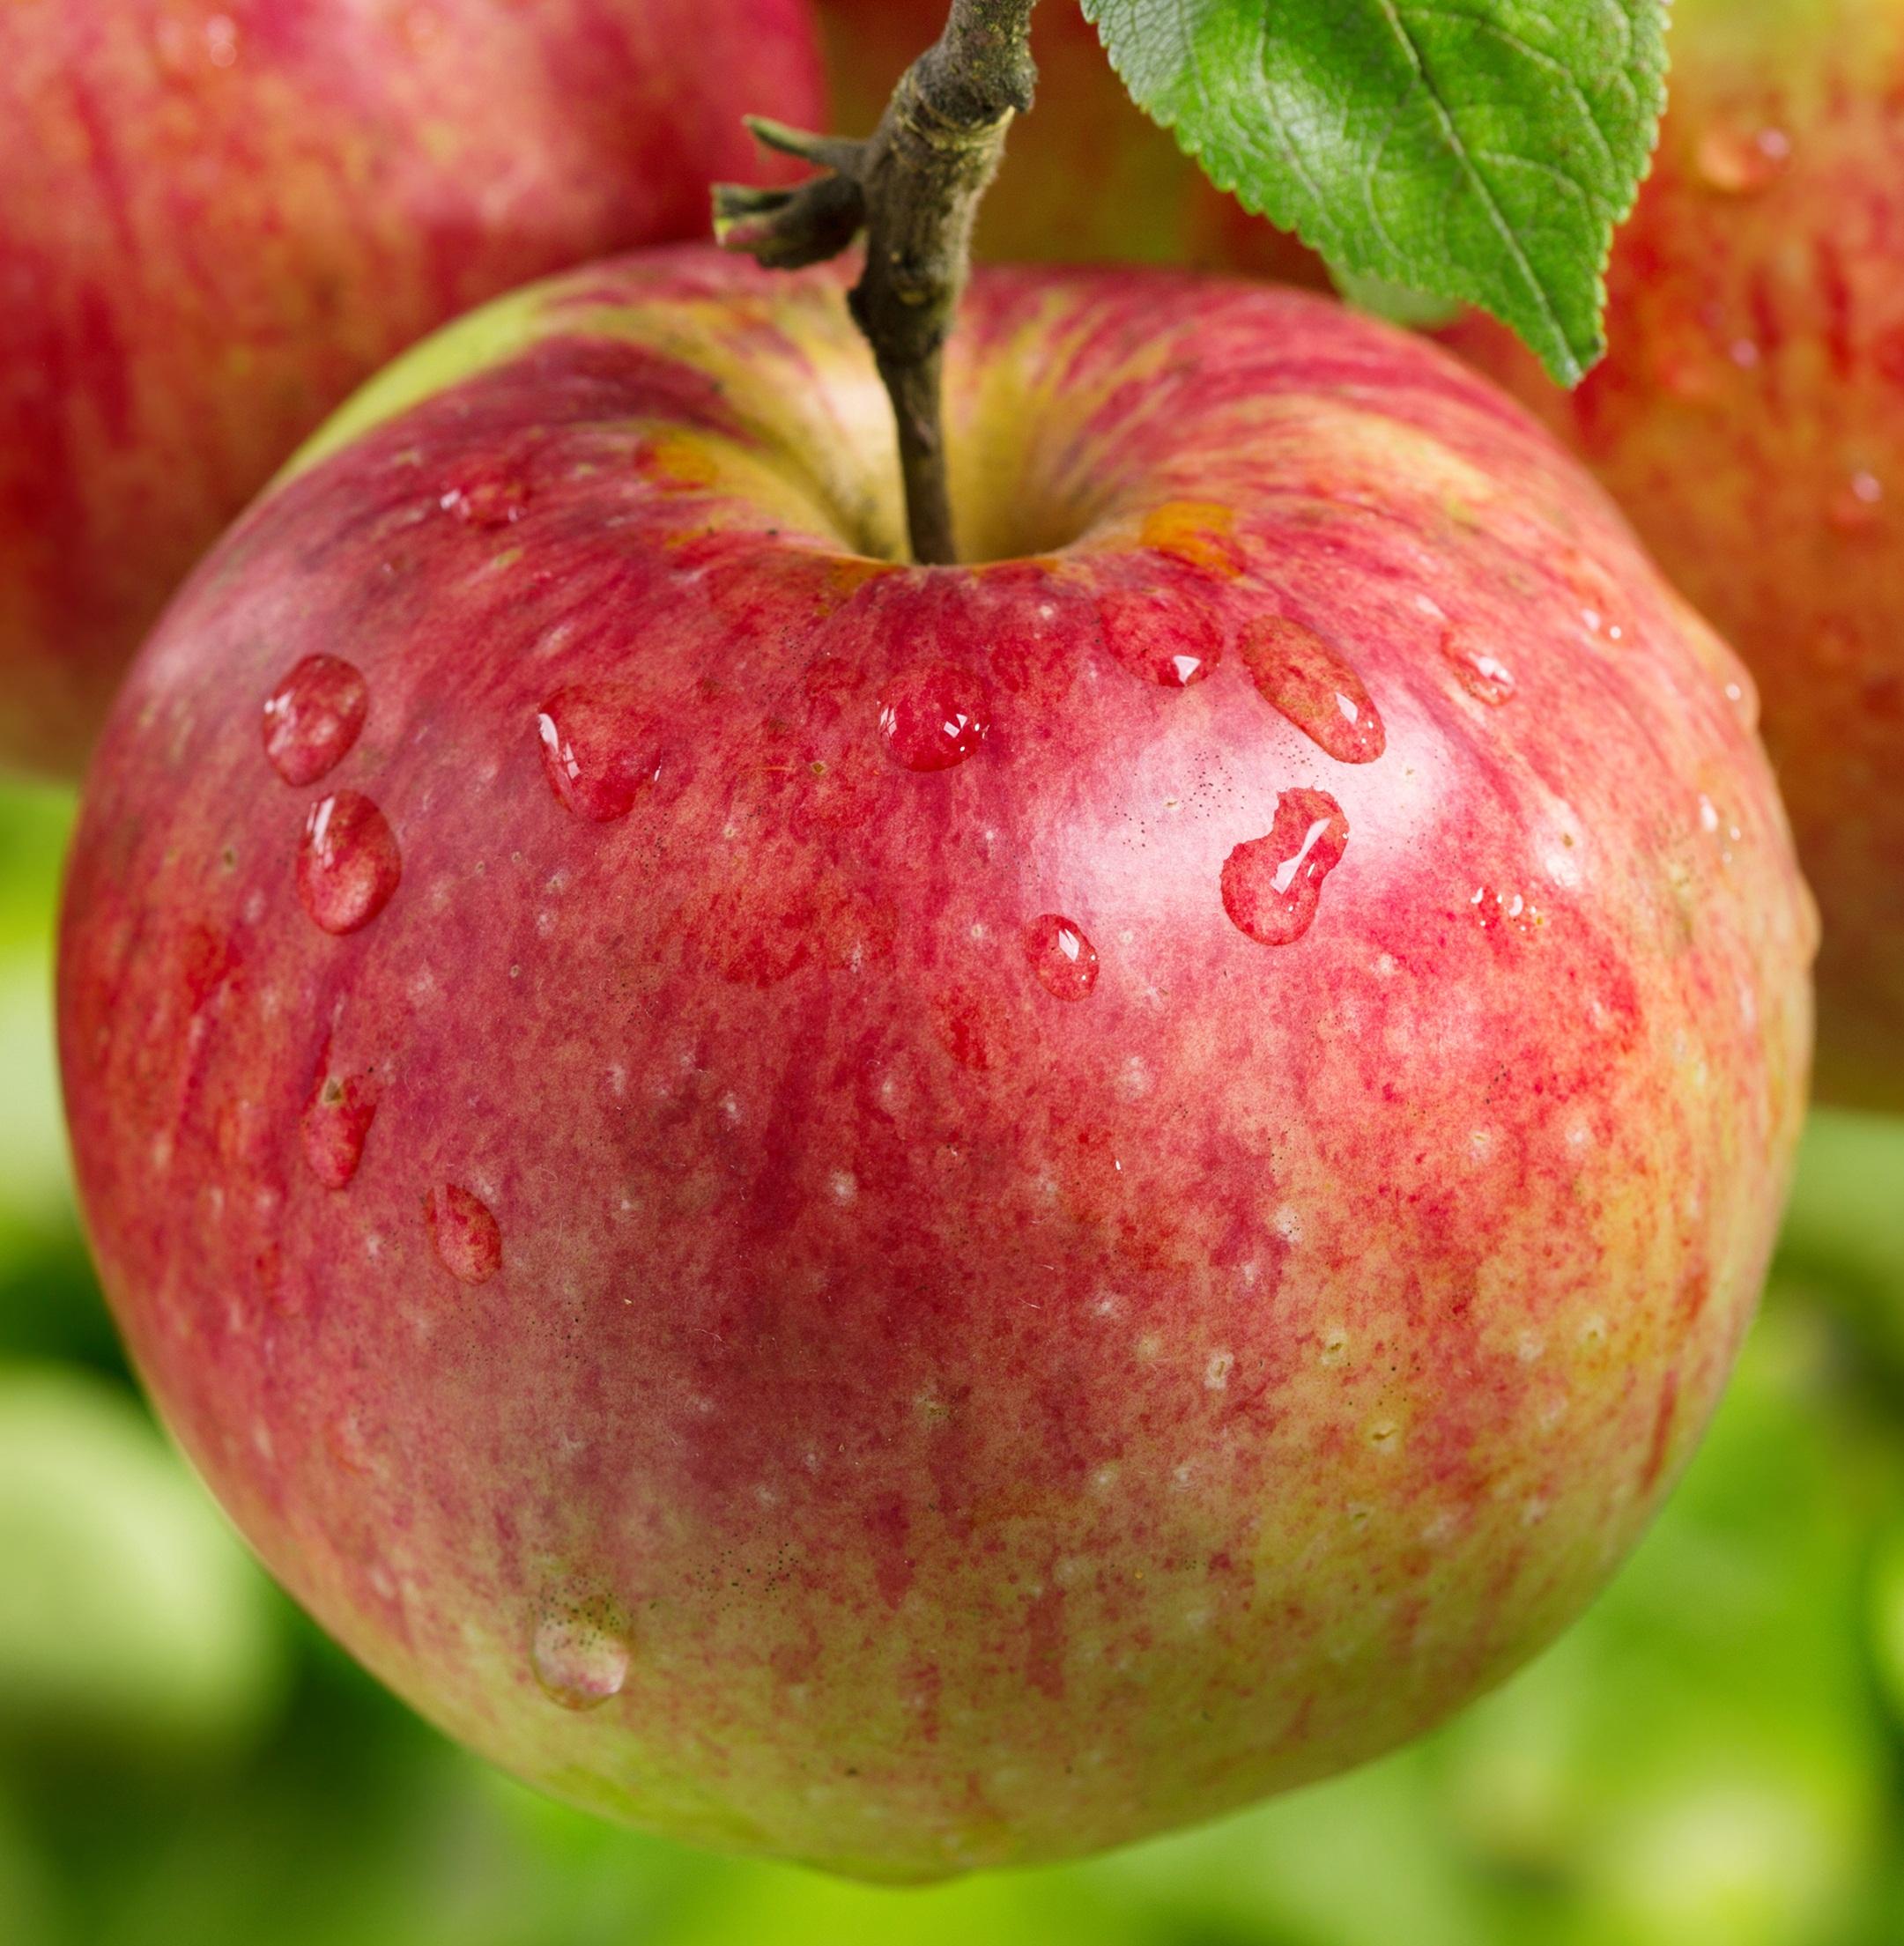 мама разделась яблоня яблочный спас описание фото отзывы вскоре гари